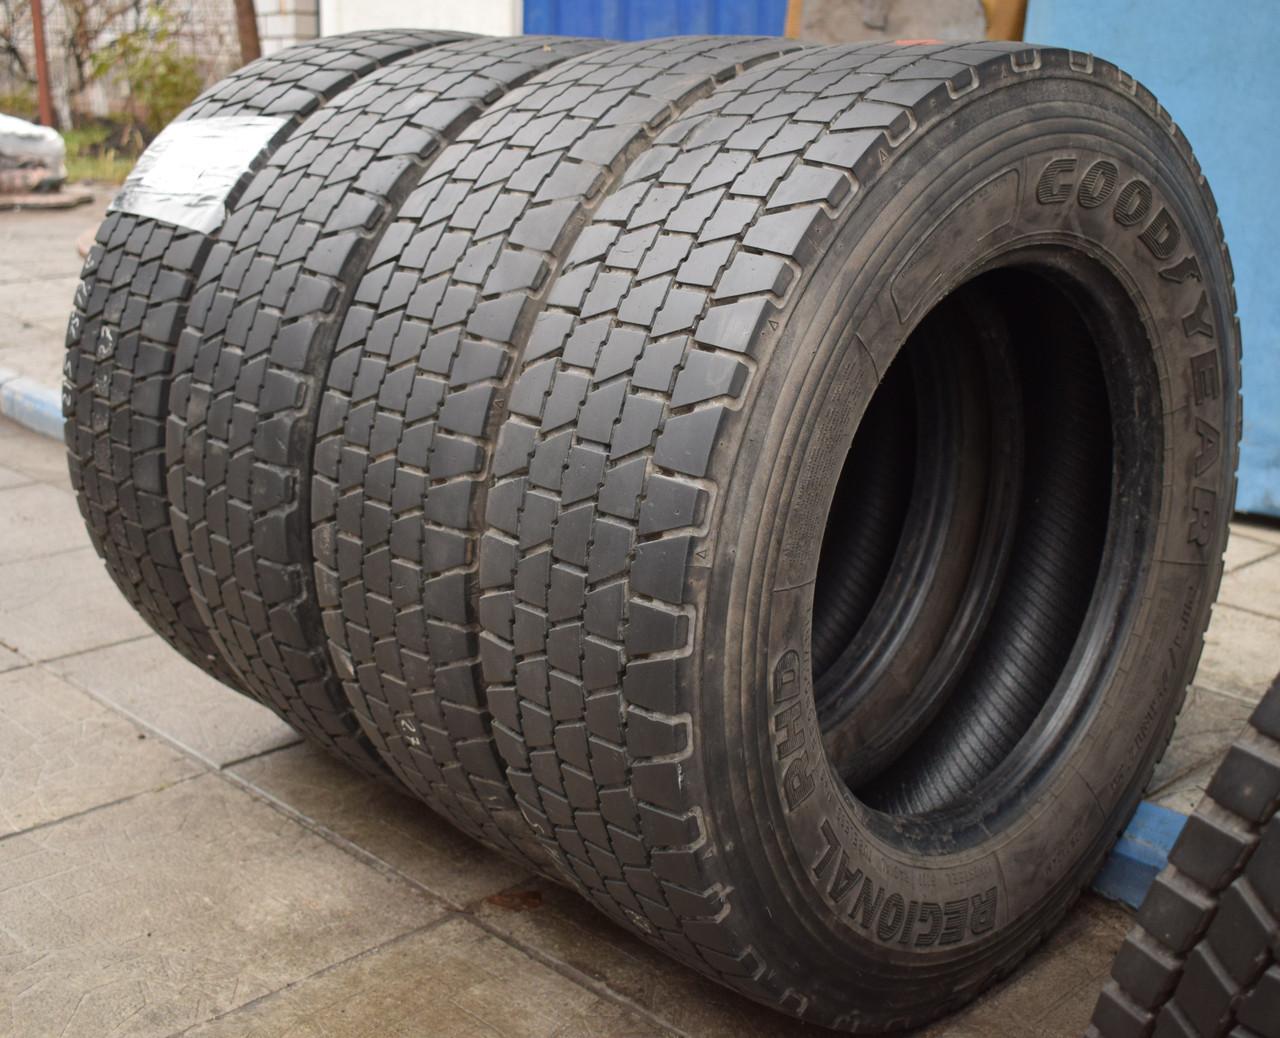 Грузовые шины б/у 215/75 R17.5 Goodyear, ТЯГА, 2016 г., комплект